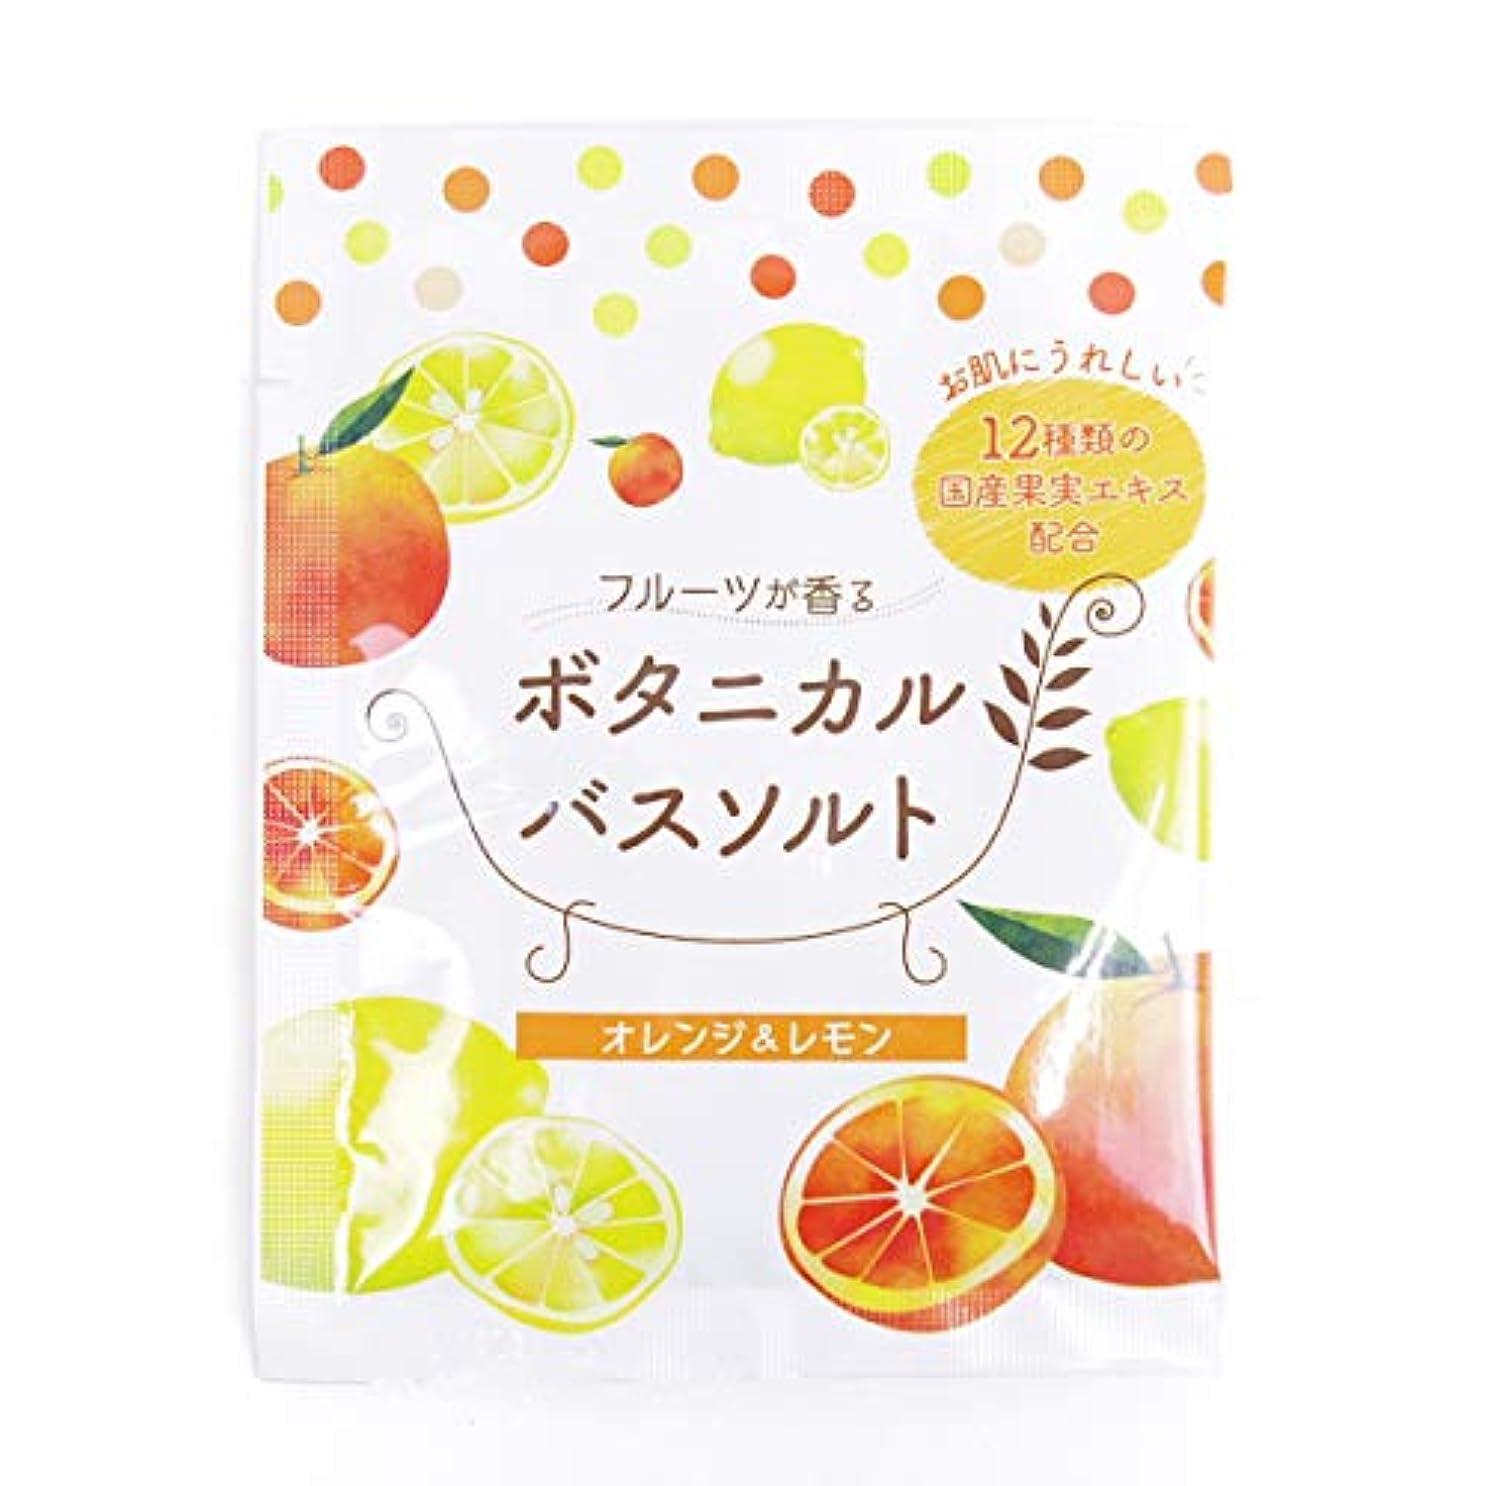 ヘッドレス熱帯の発表する松田医薬品 フルーツが香るボタニカルバスソルト オレンジ&レモン 30g